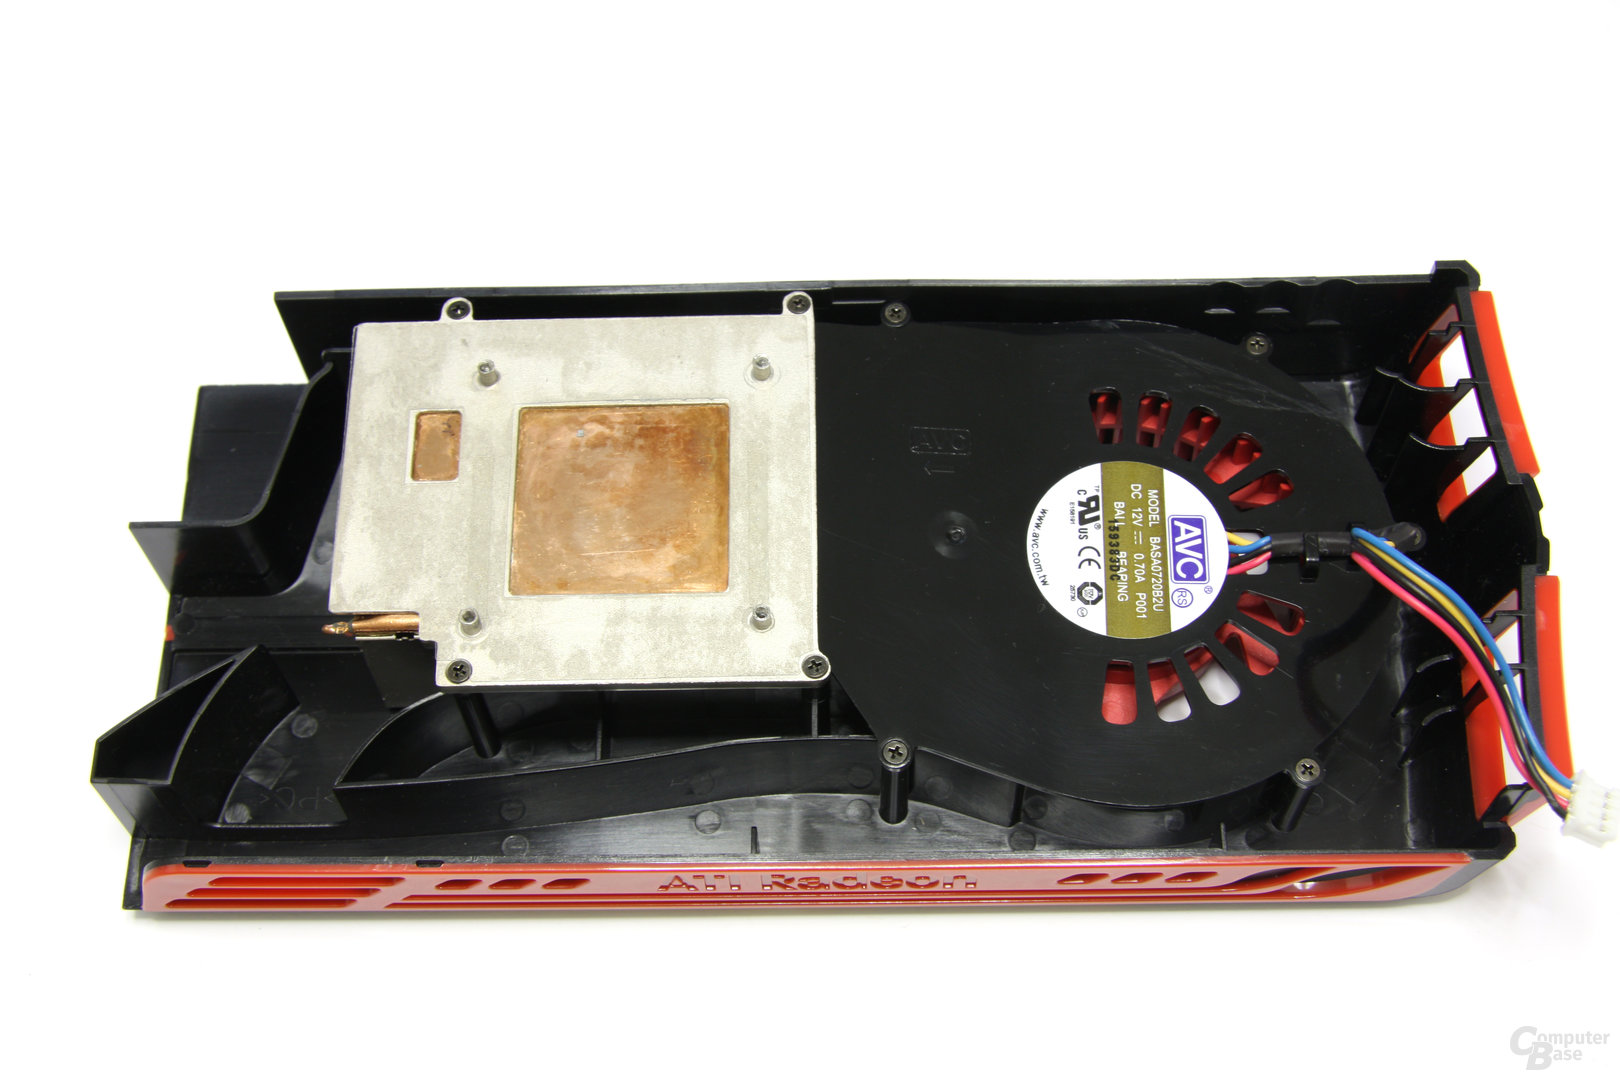 Radeon HD 5770 Kühlerrückseite